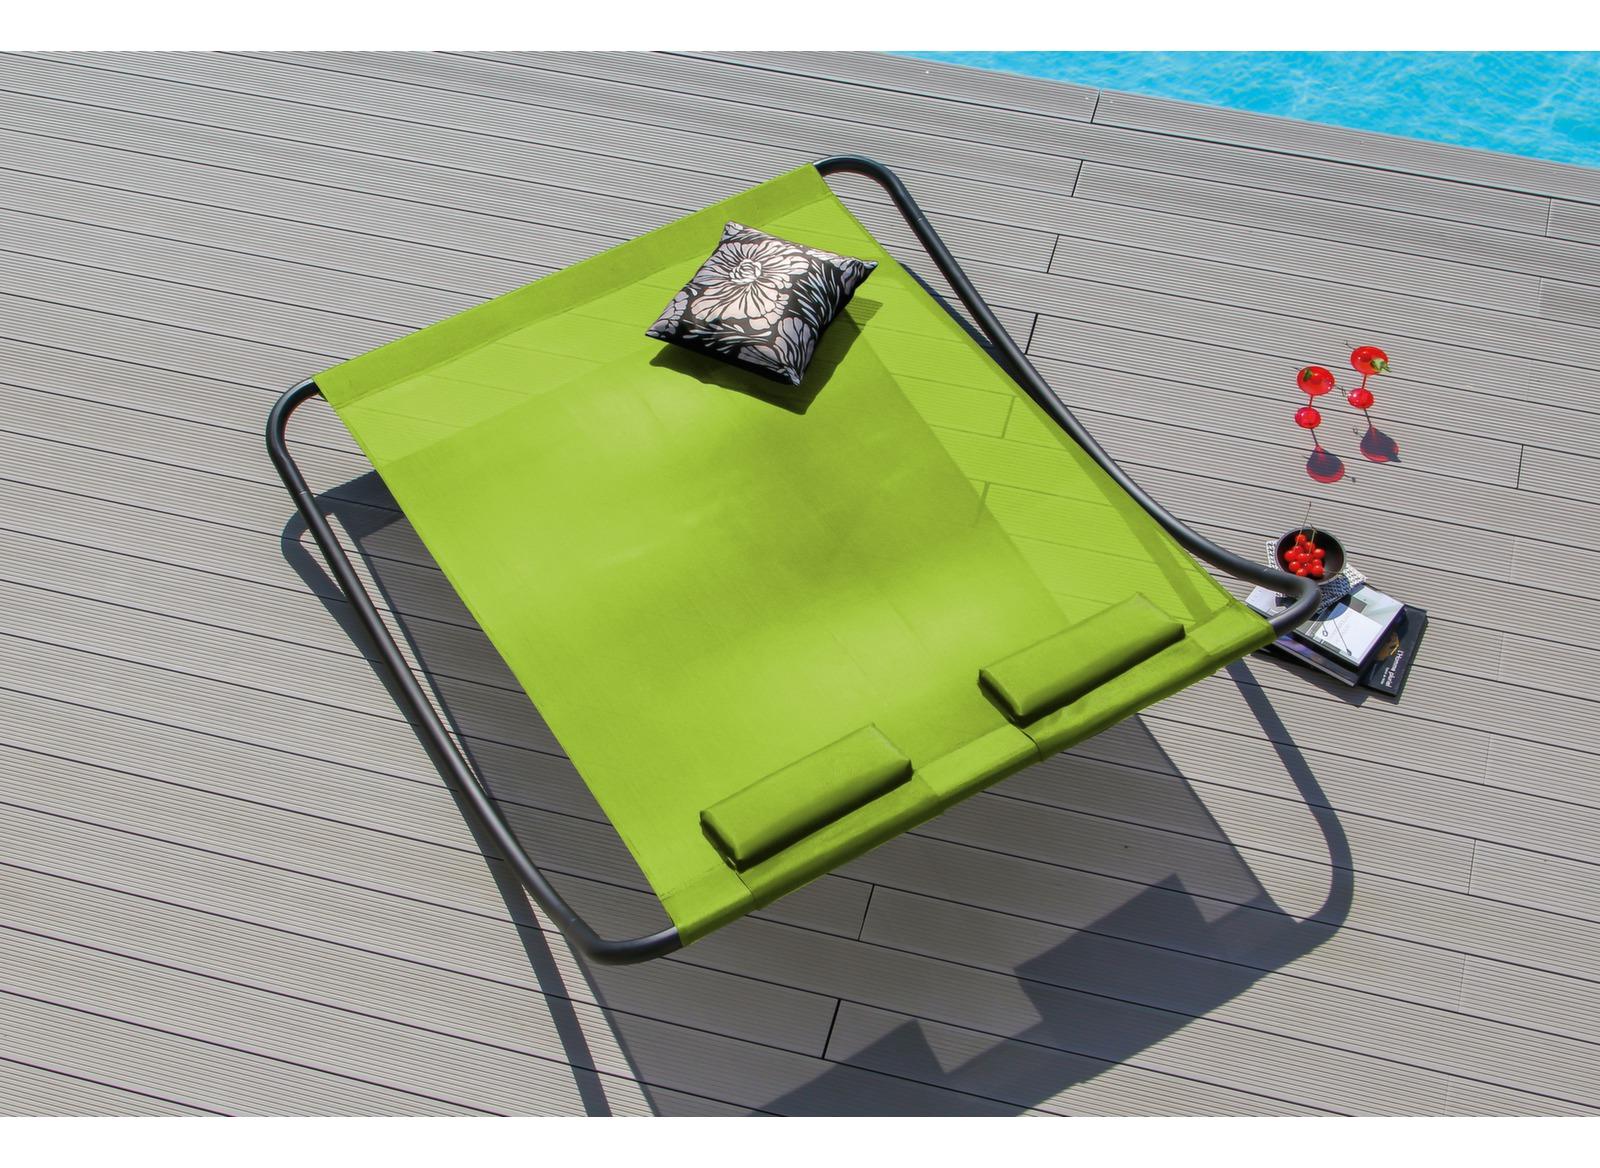 bain de soleil 2 personnes rocking chair proloisirs. Black Bedroom Furniture Sets. Home Design Ideas